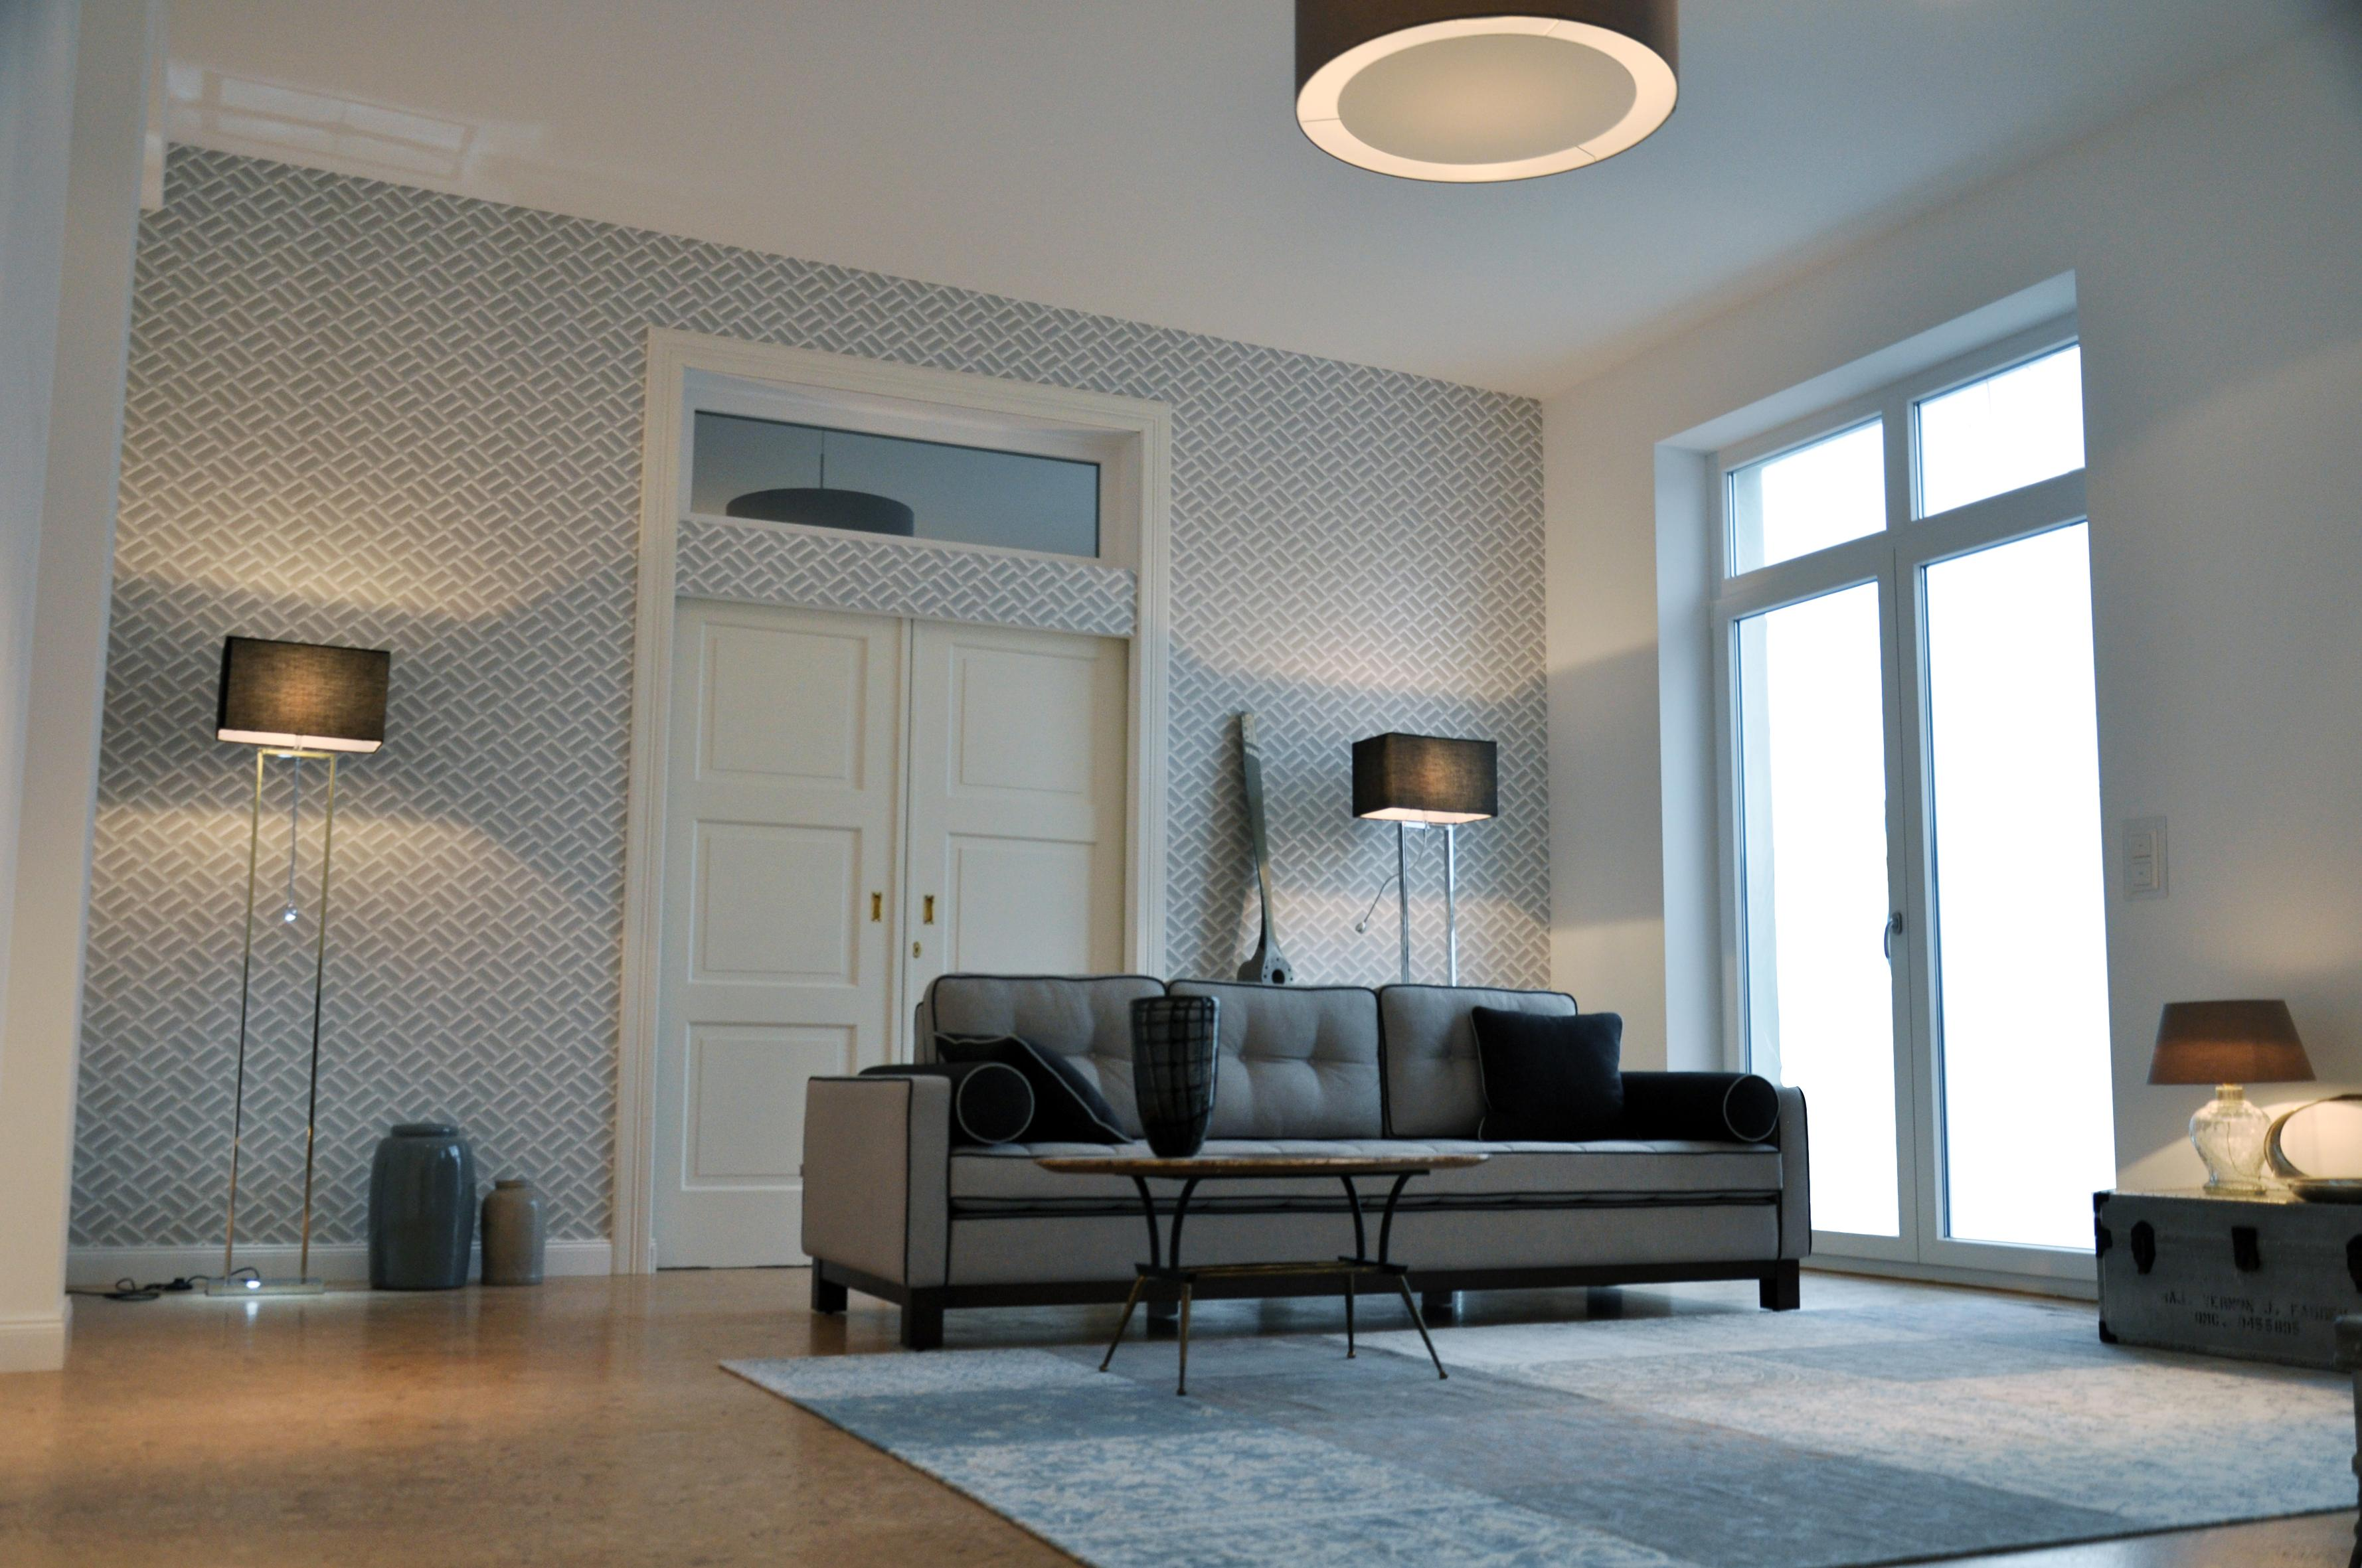 20er jahre bilder ideen couchstyle. Black Bedroom Furniture Sets. Home Design Ideas